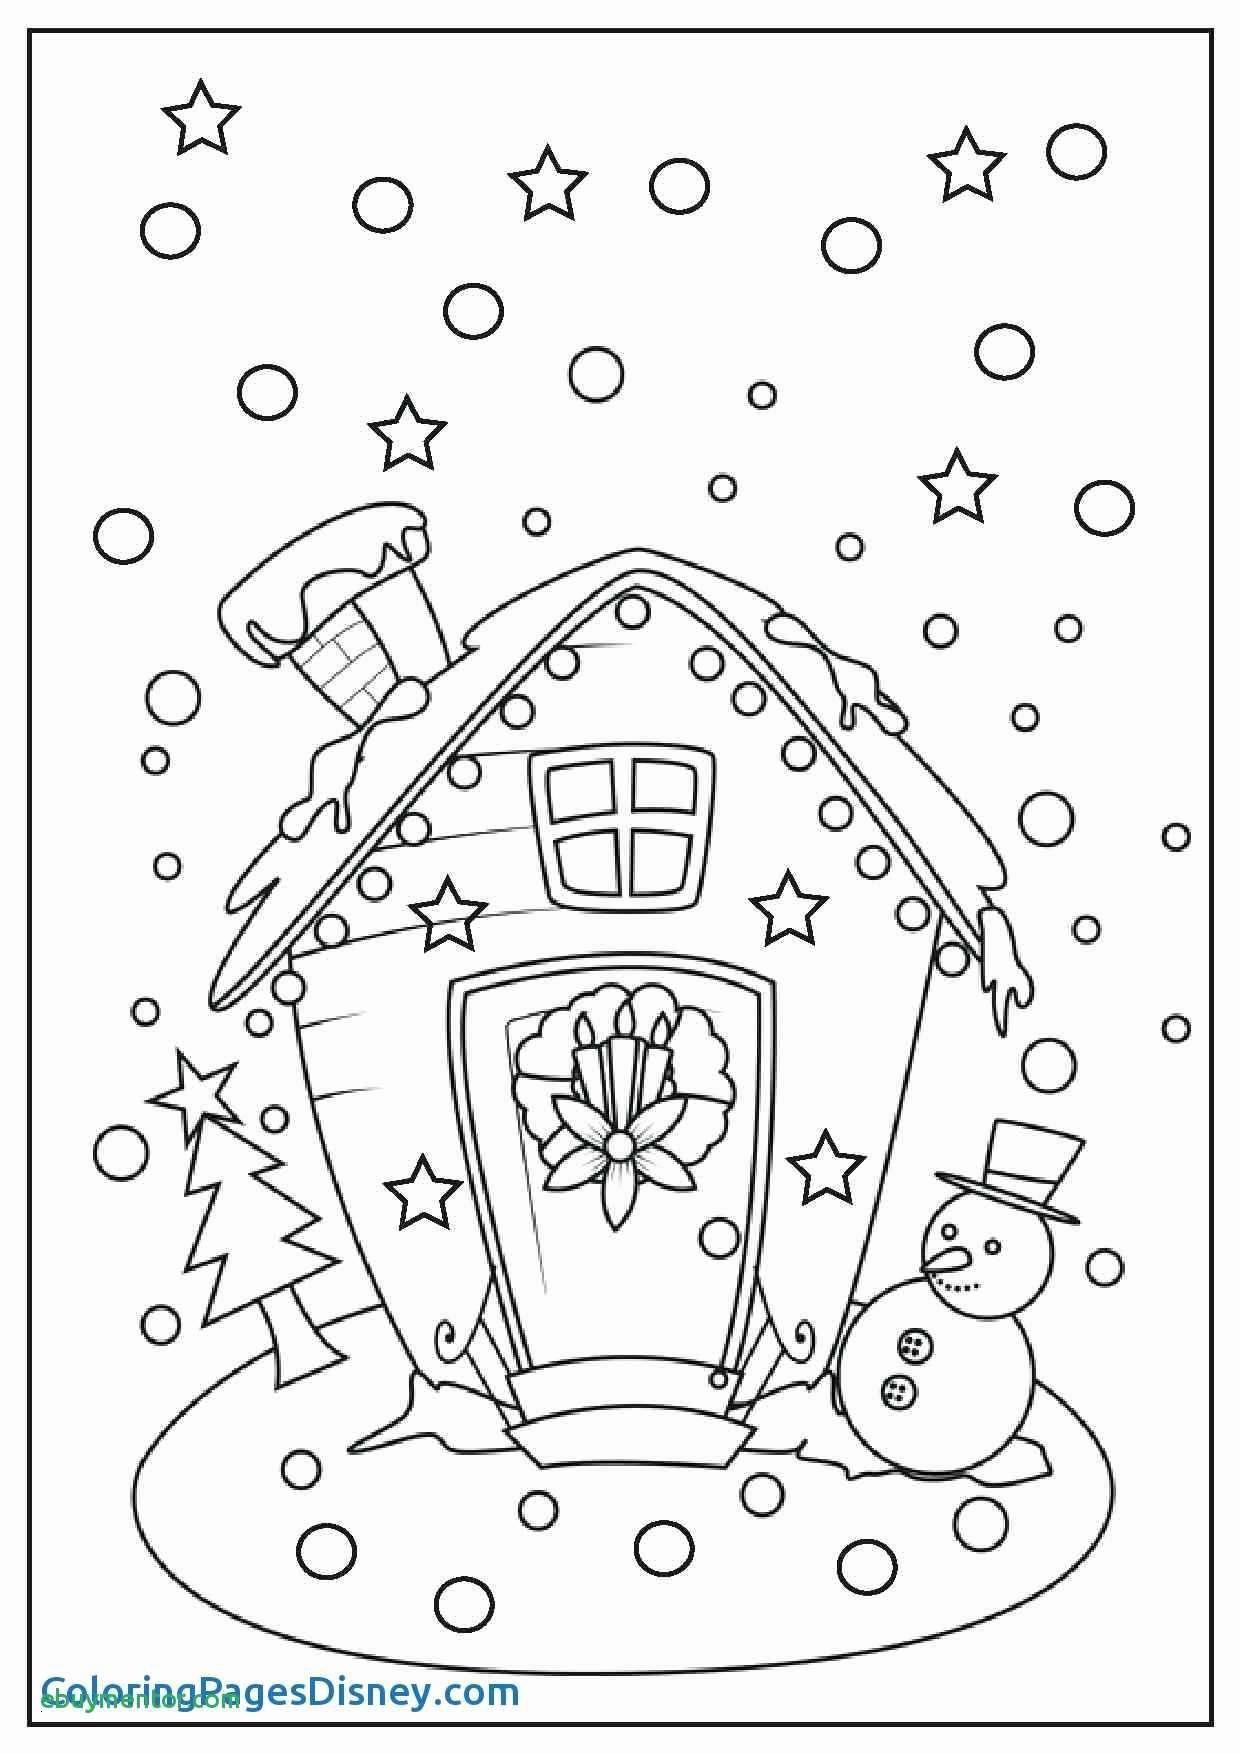 Ausmalbild Winnie Pooh Einzigartig Winnie the Pooh Winter Coloring Pages Coloring Pages Coloring Pages Sammlung